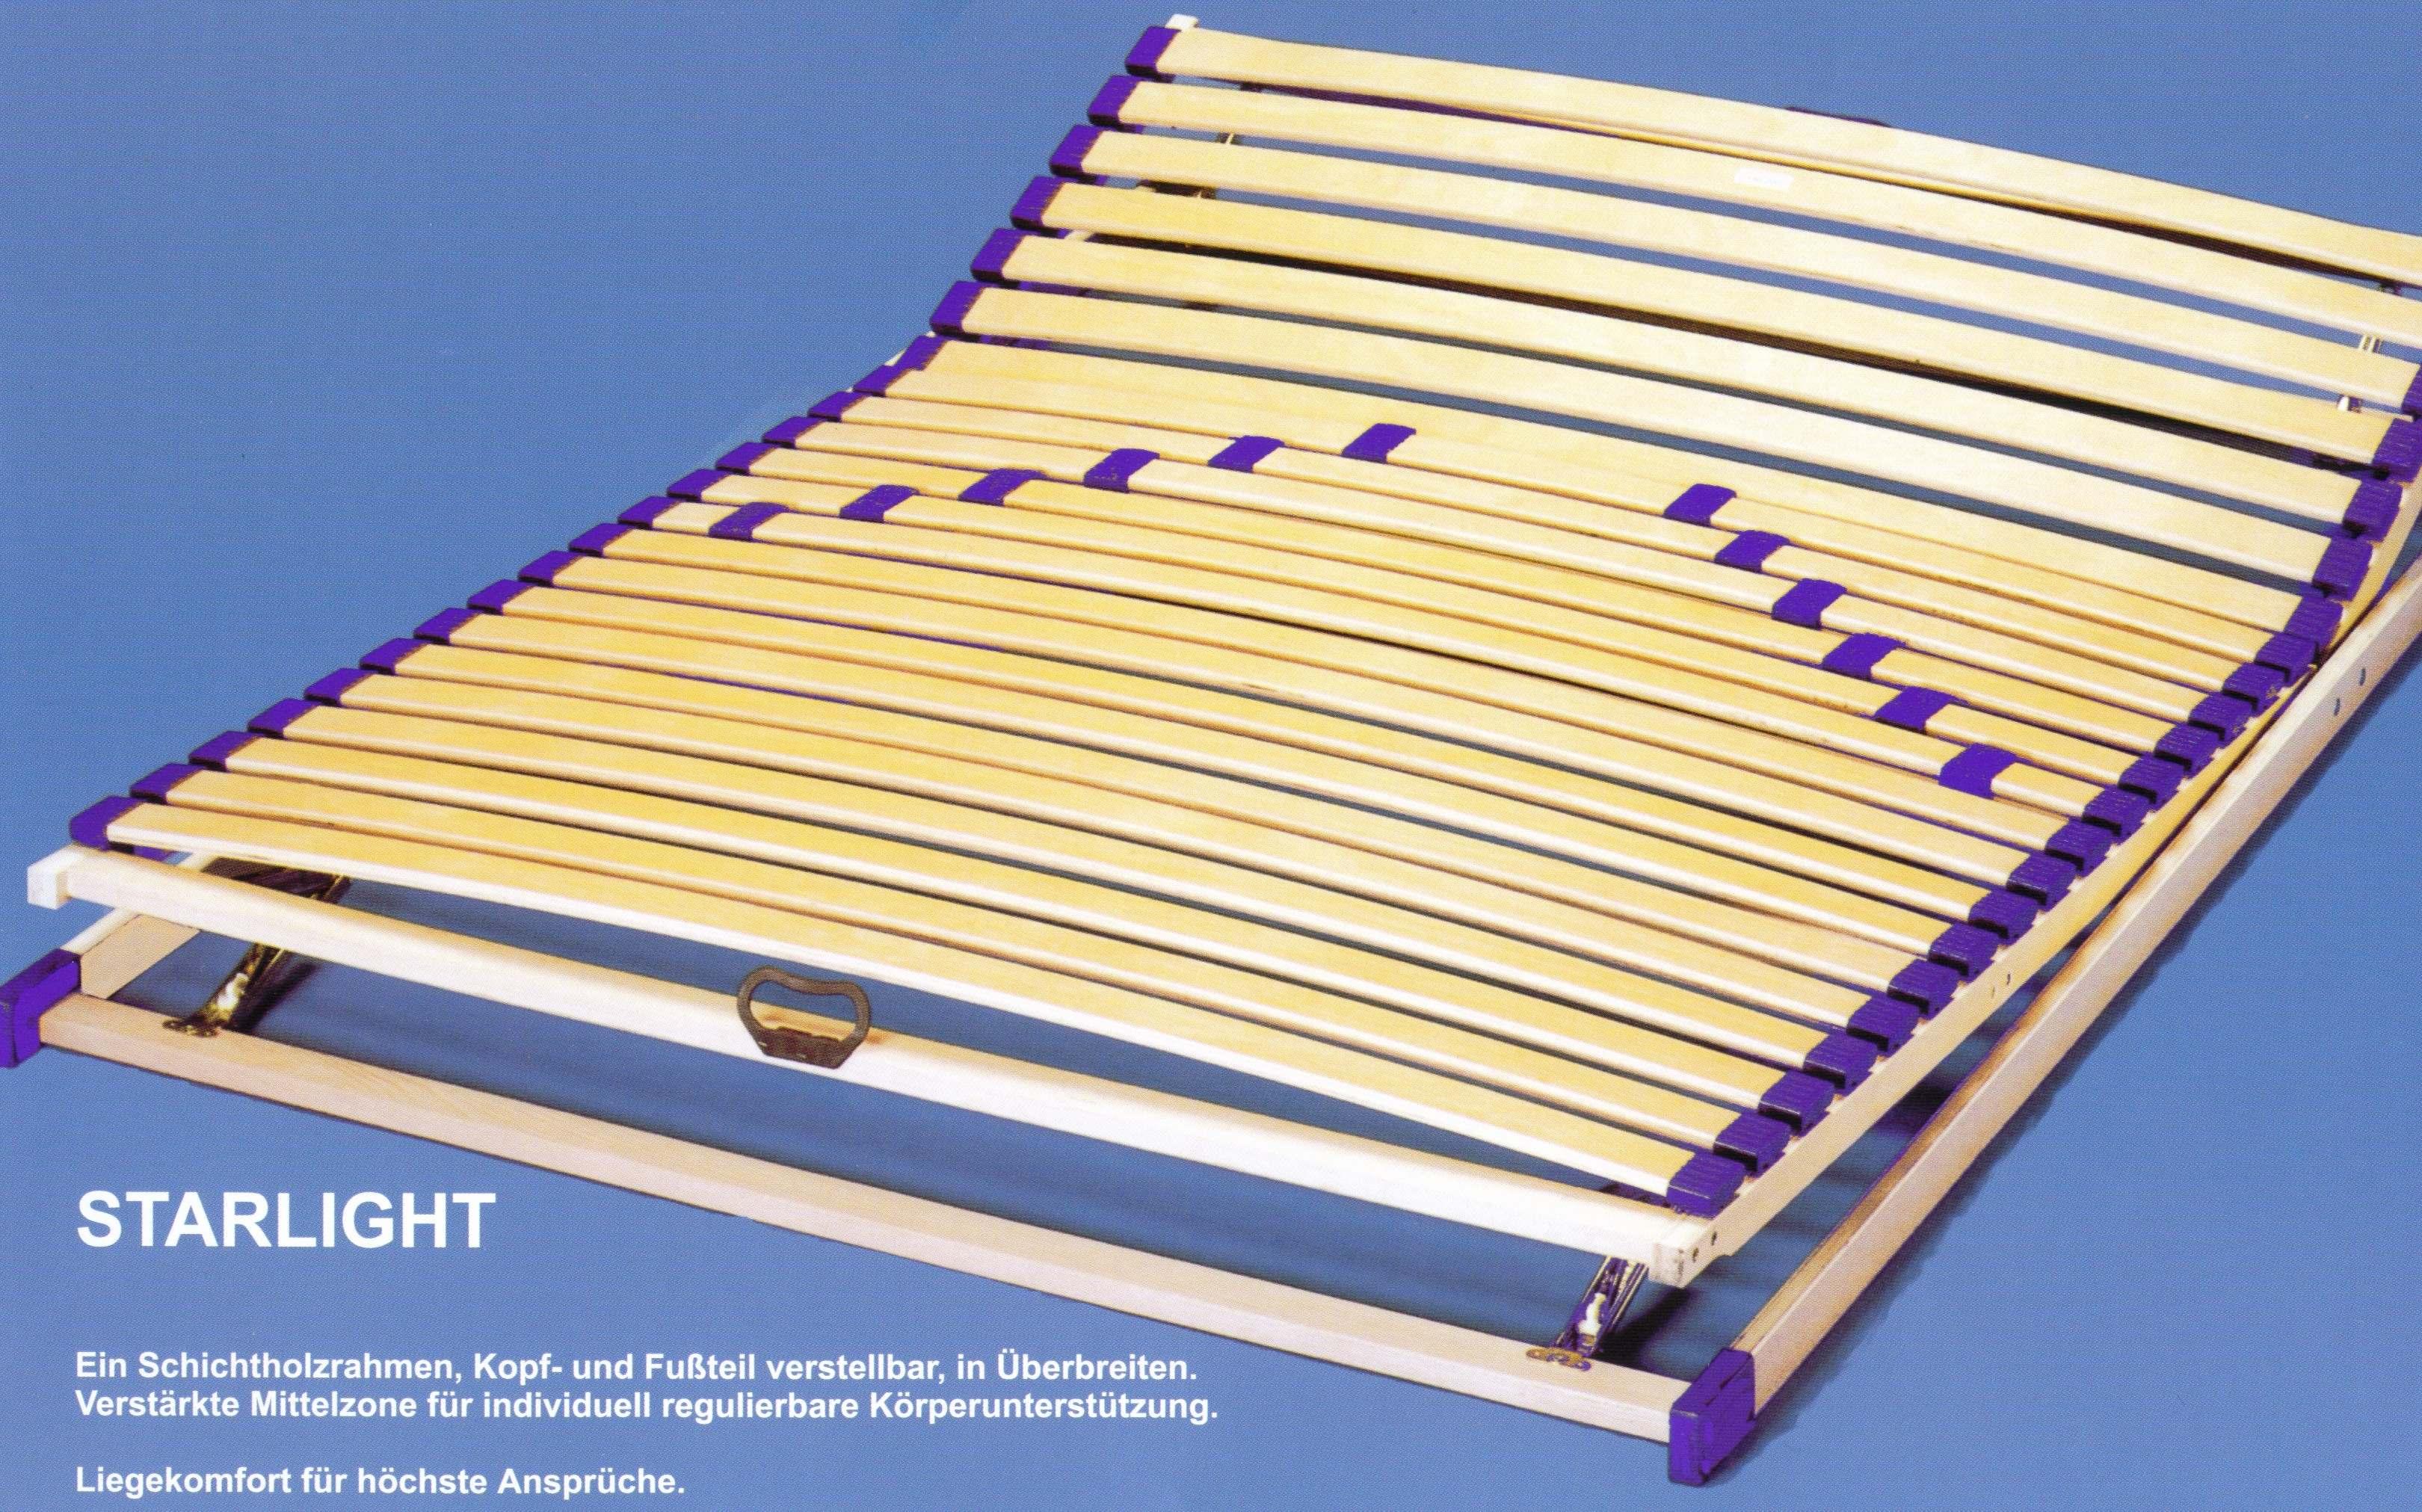 mehr zonen lattenrost starlight 140x190 160x220 alle gr en forster lattenroste. Black Bedroom Furniture Sets. Home Design Ideas